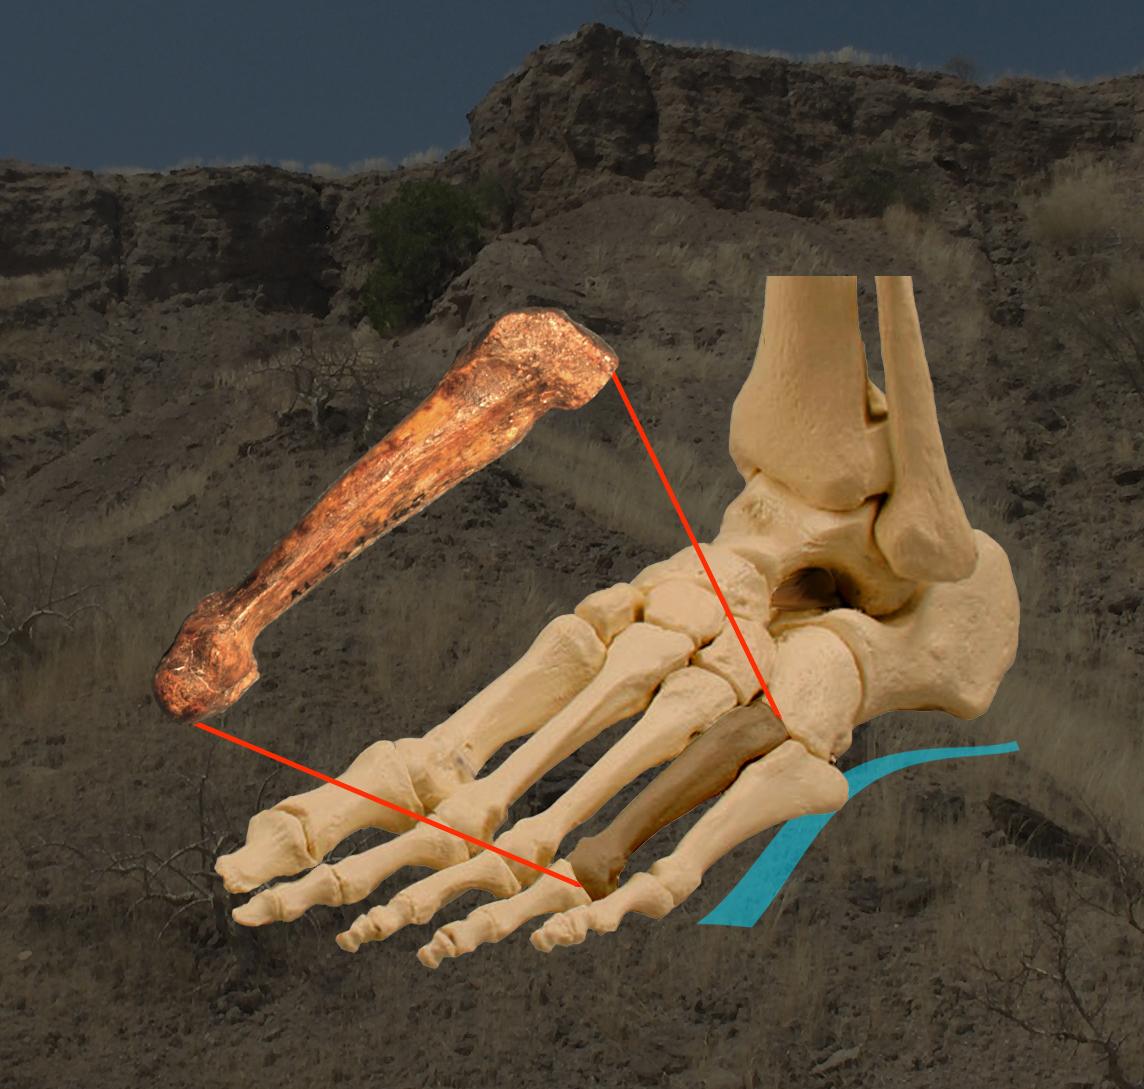 Lucy\' tenía los pies arqueados como el humano moderno / Noticias / SINC